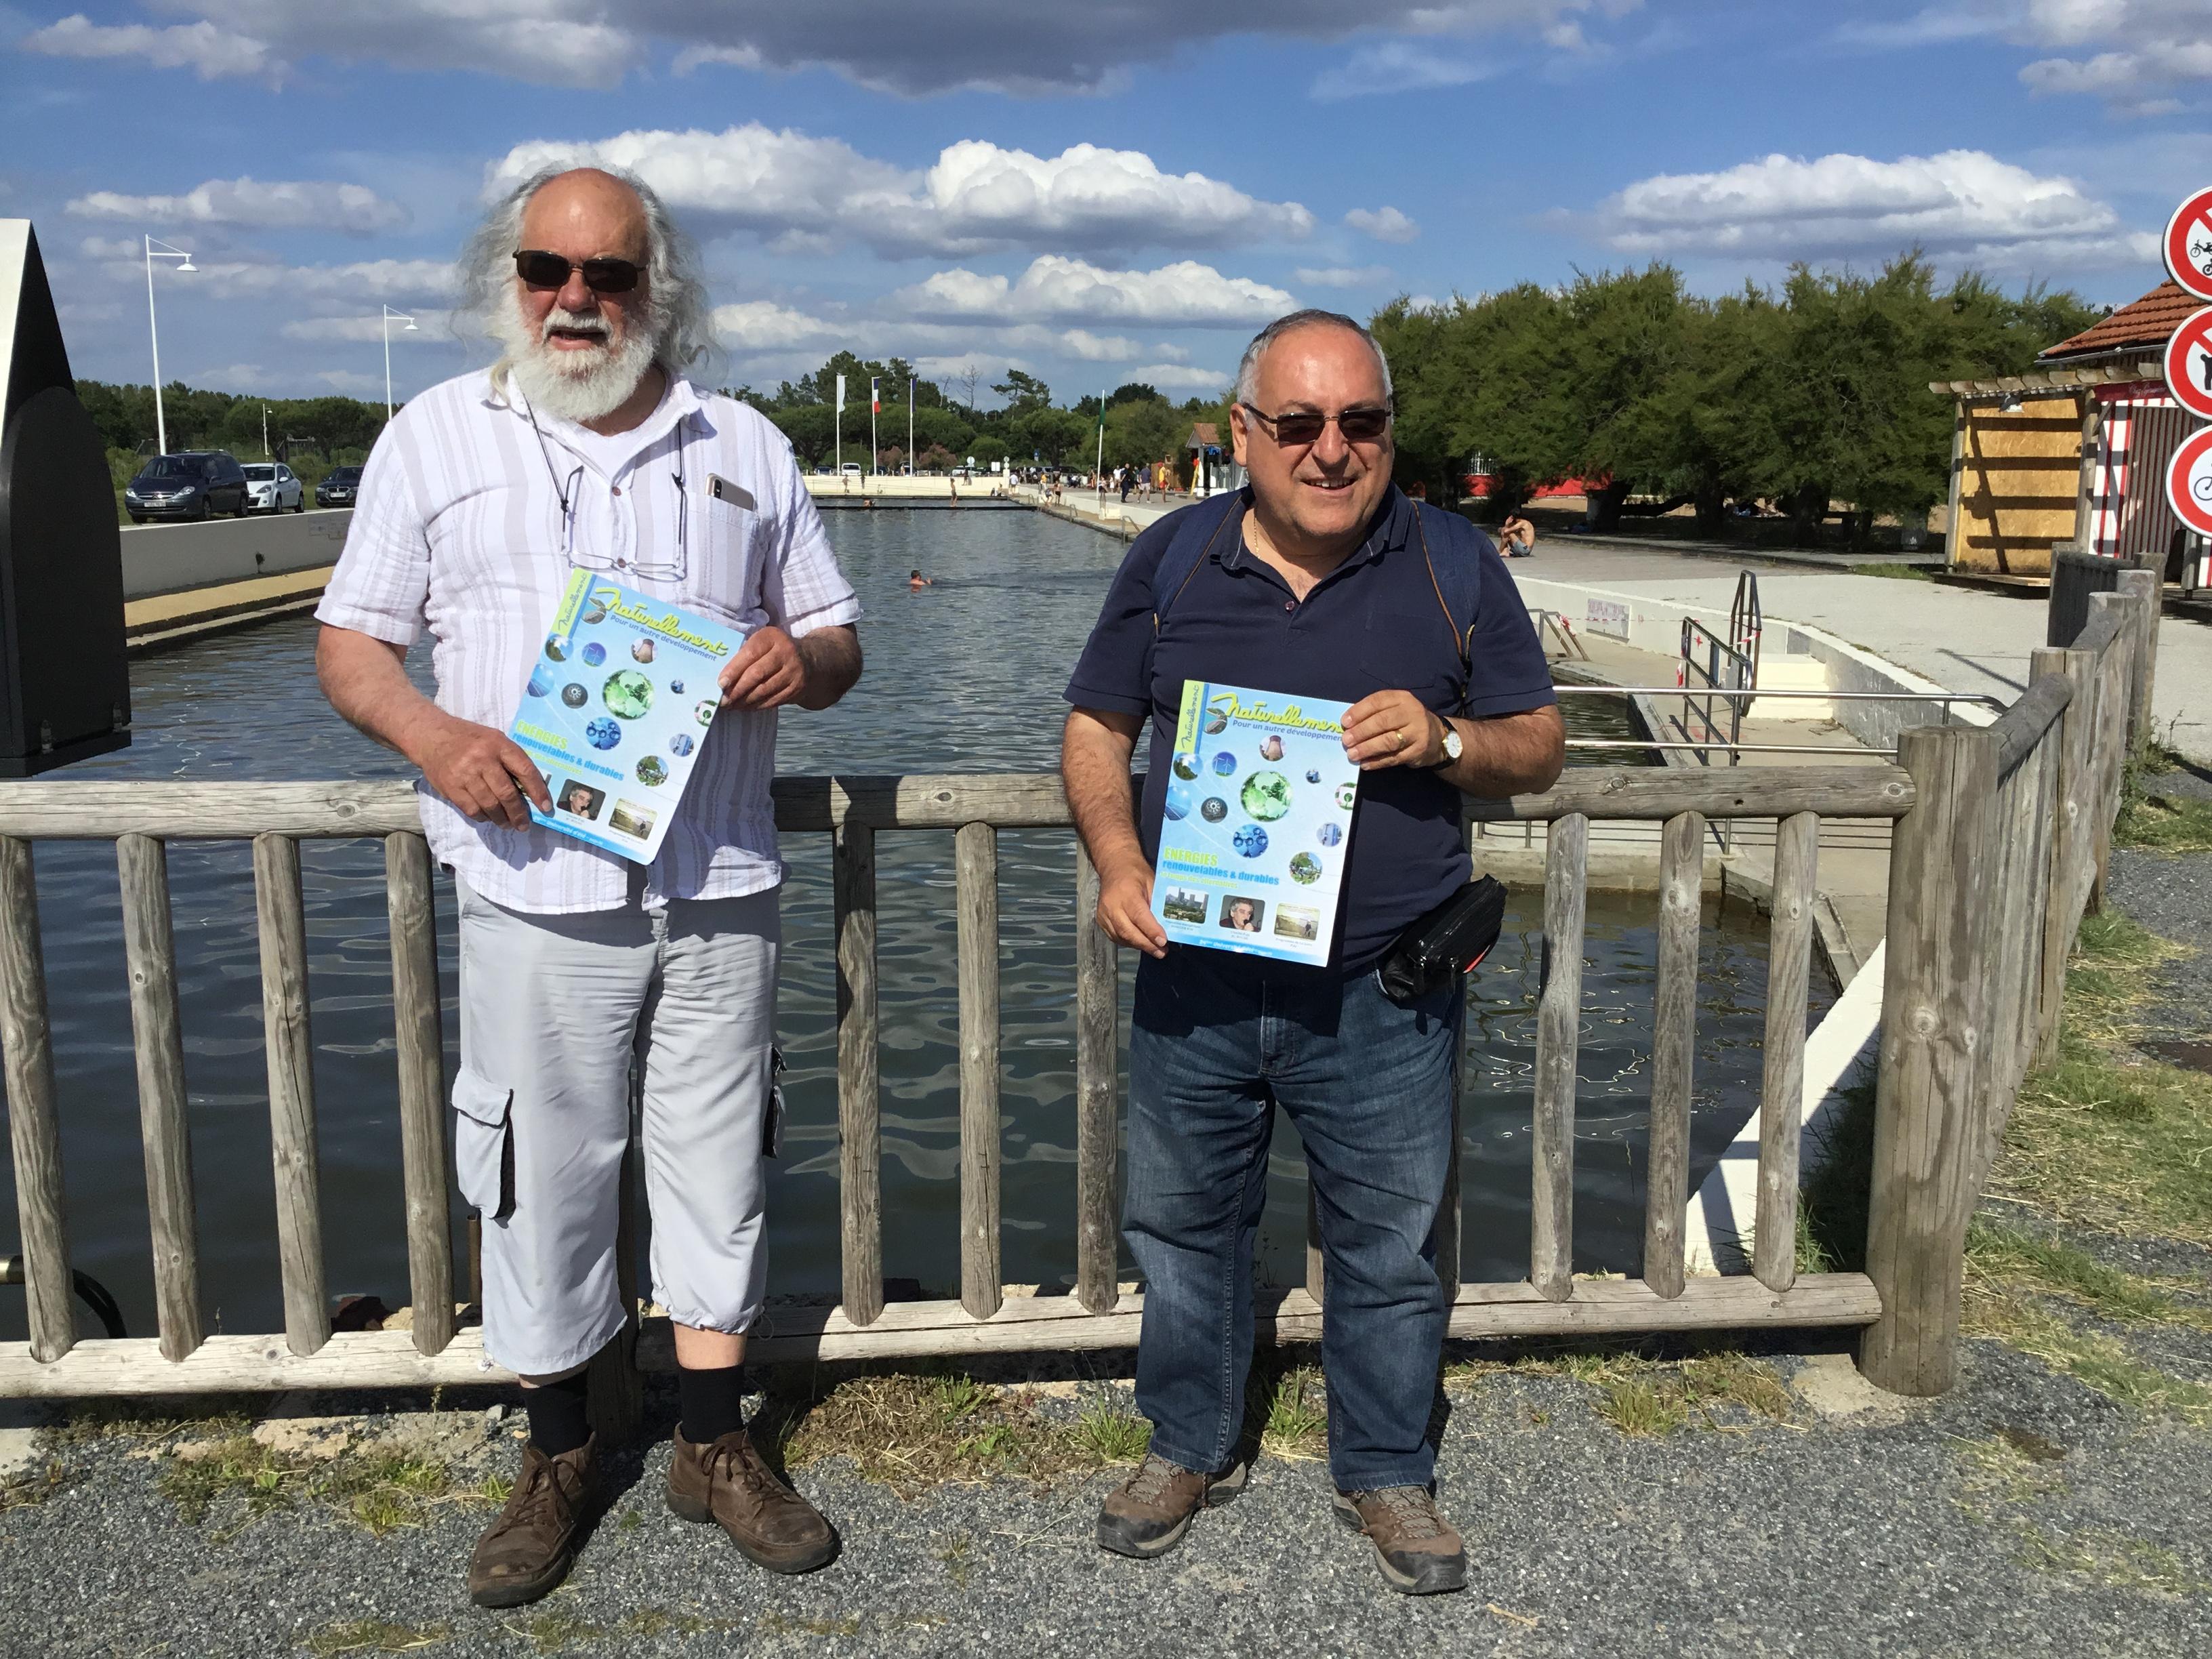 La Revue Naturellement sur la piste des huitres du Banc d'Arguin dans le Bassin d'Arcachon